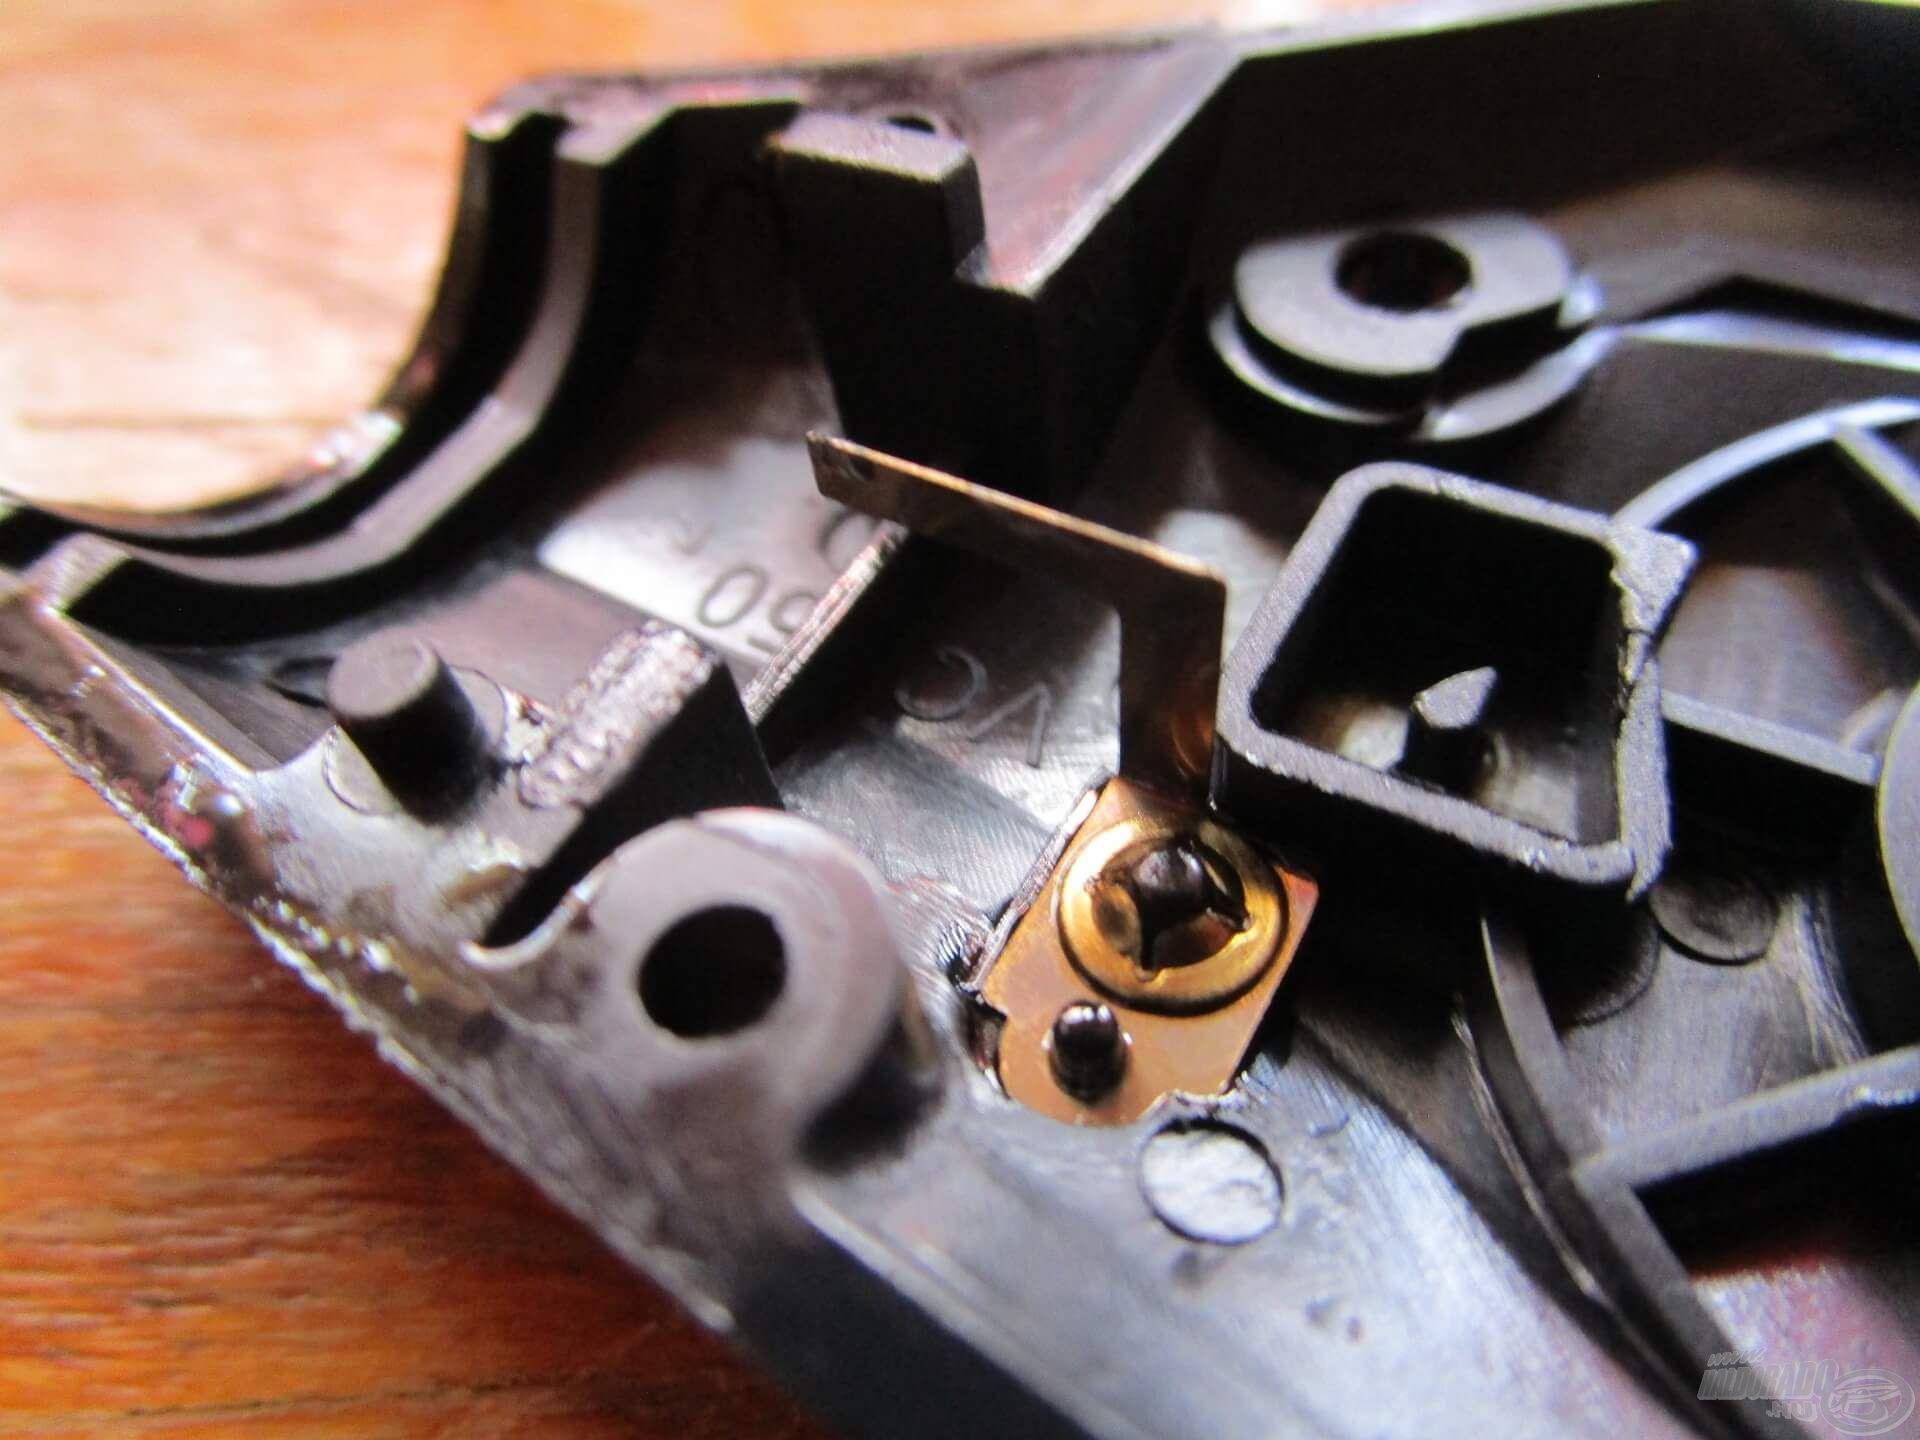 Különösen fontos, hogy az orsó dobján és a belső szerkezetében is jó minőségű alkatrészek legyenek